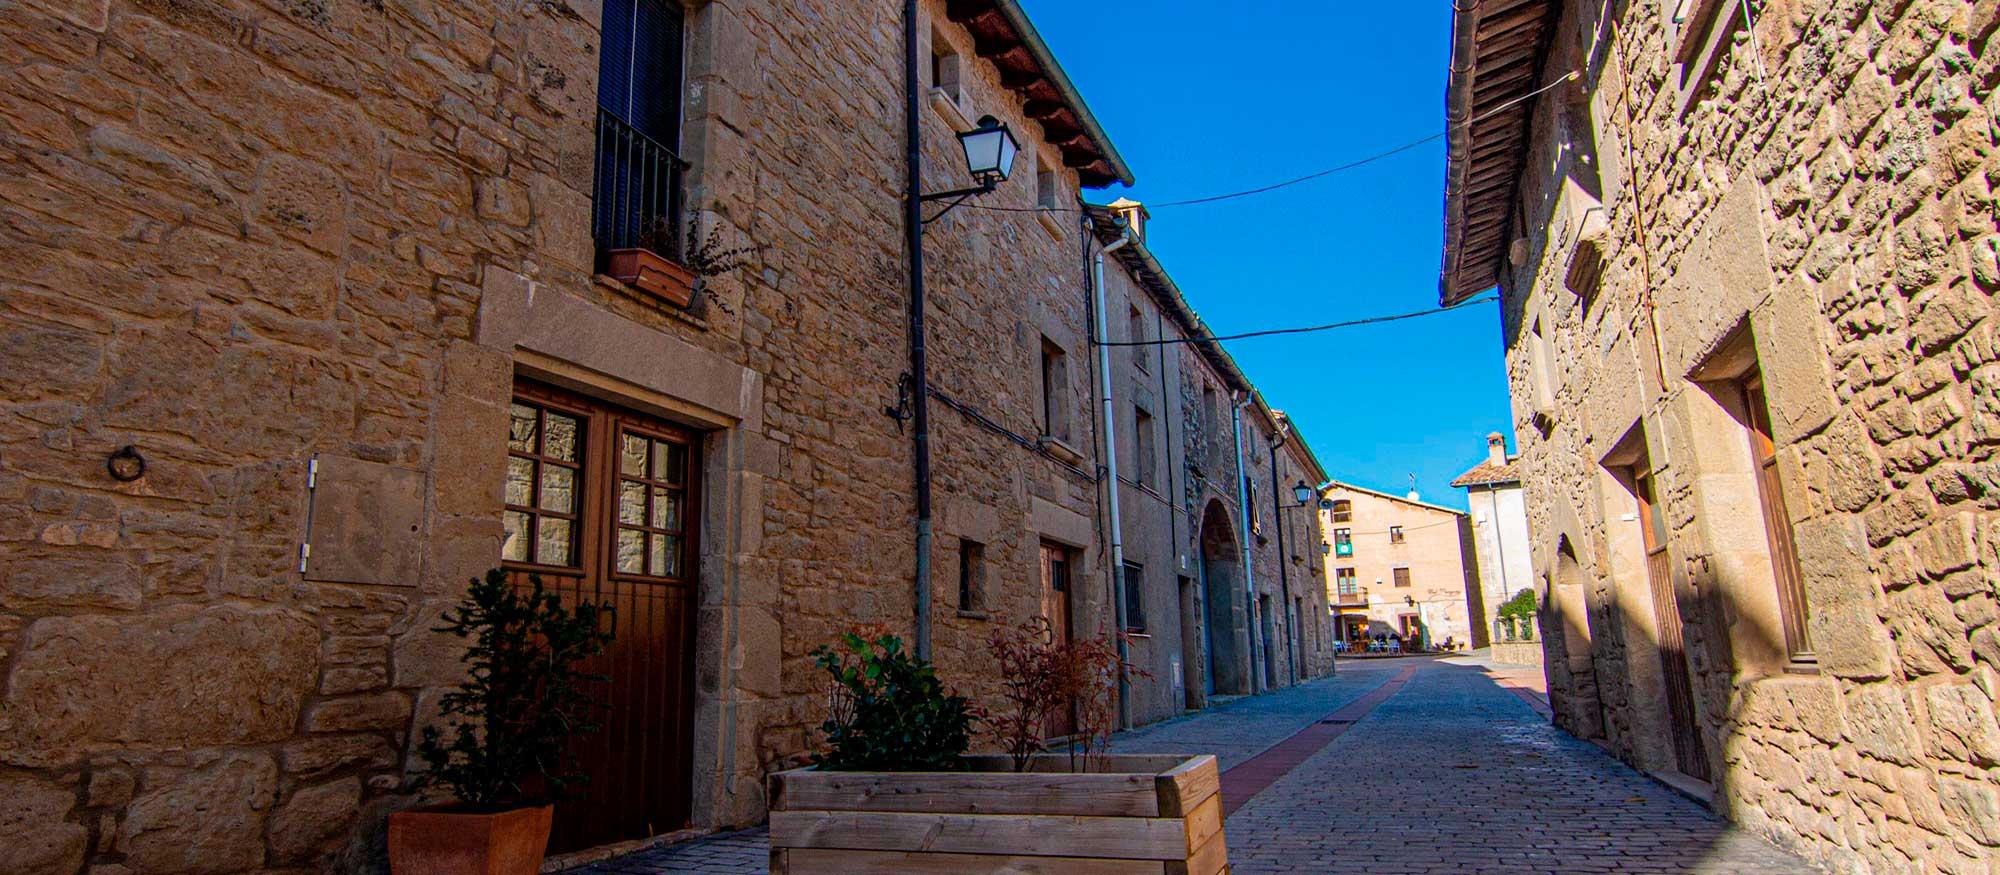 Hola Santa Eulàlia de Puig-Oriol i La Blava, la nostra fibra òptica és aquí!